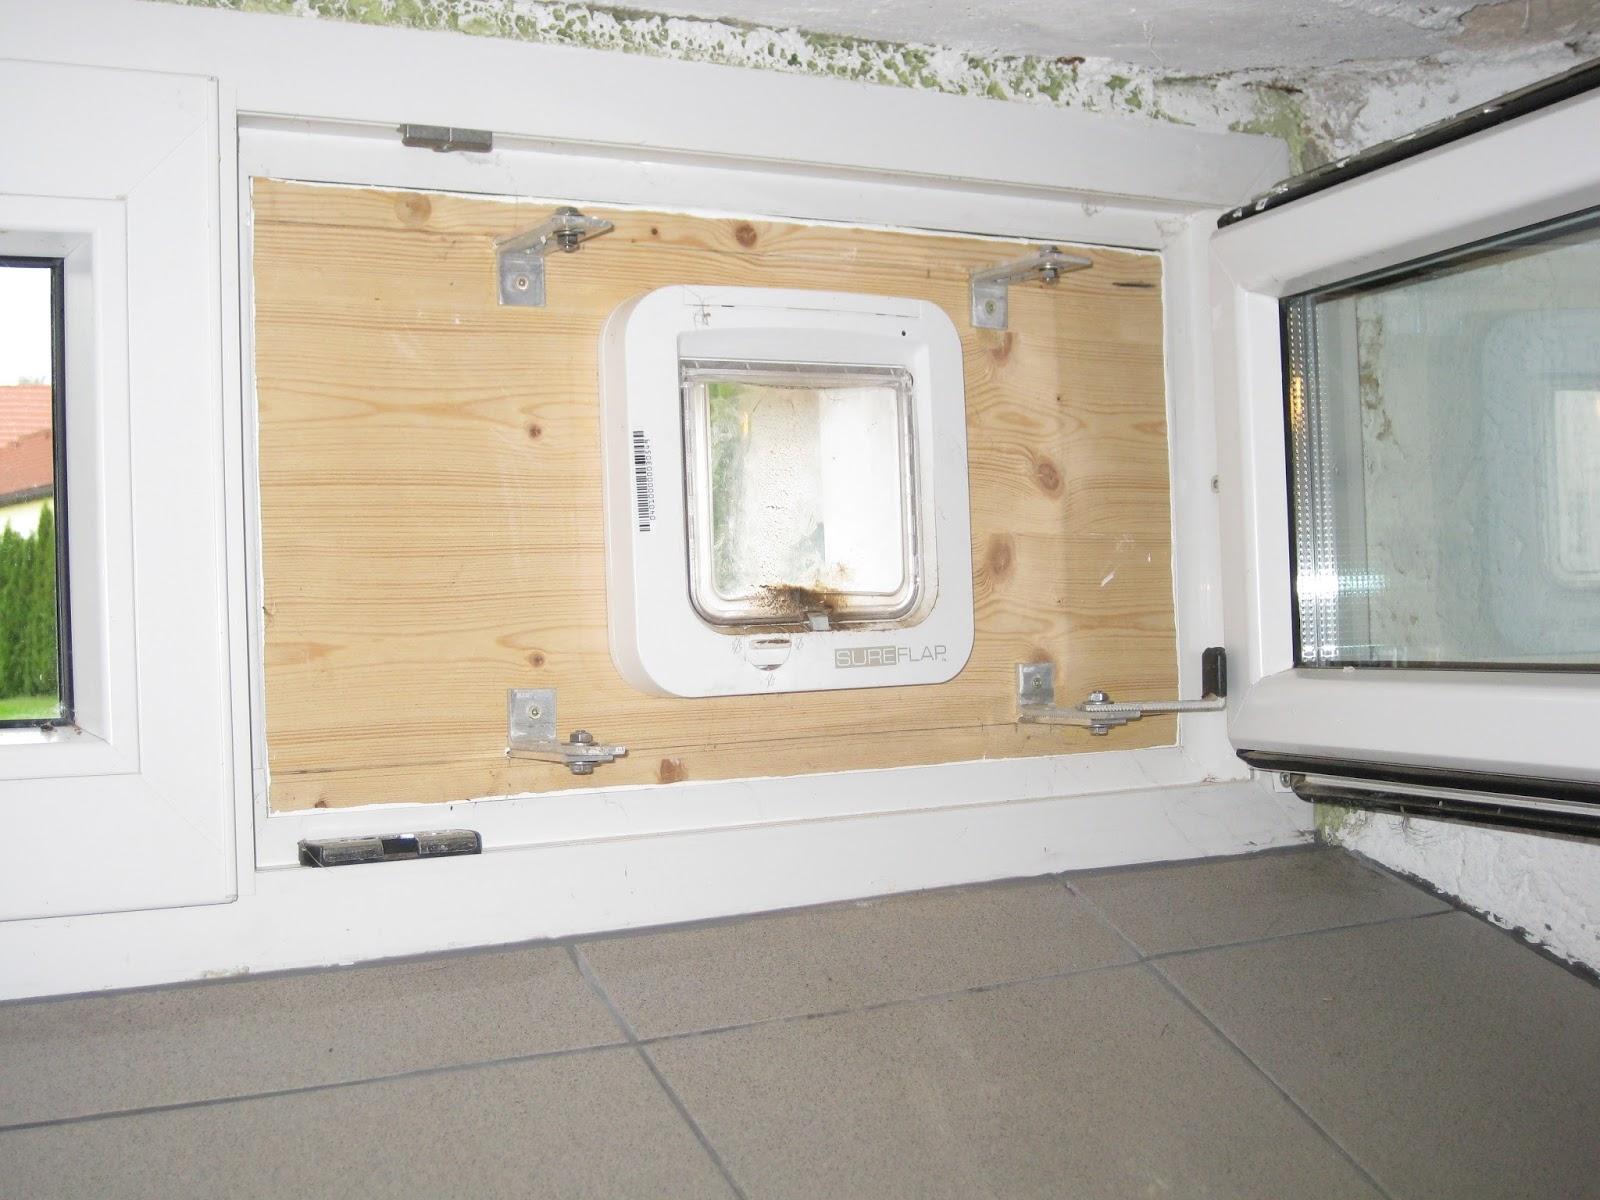 holz und metall ein heimwerkerblog katzenklappe einbauen. Black Bedroom Furniture Sets. Home Design Ideas